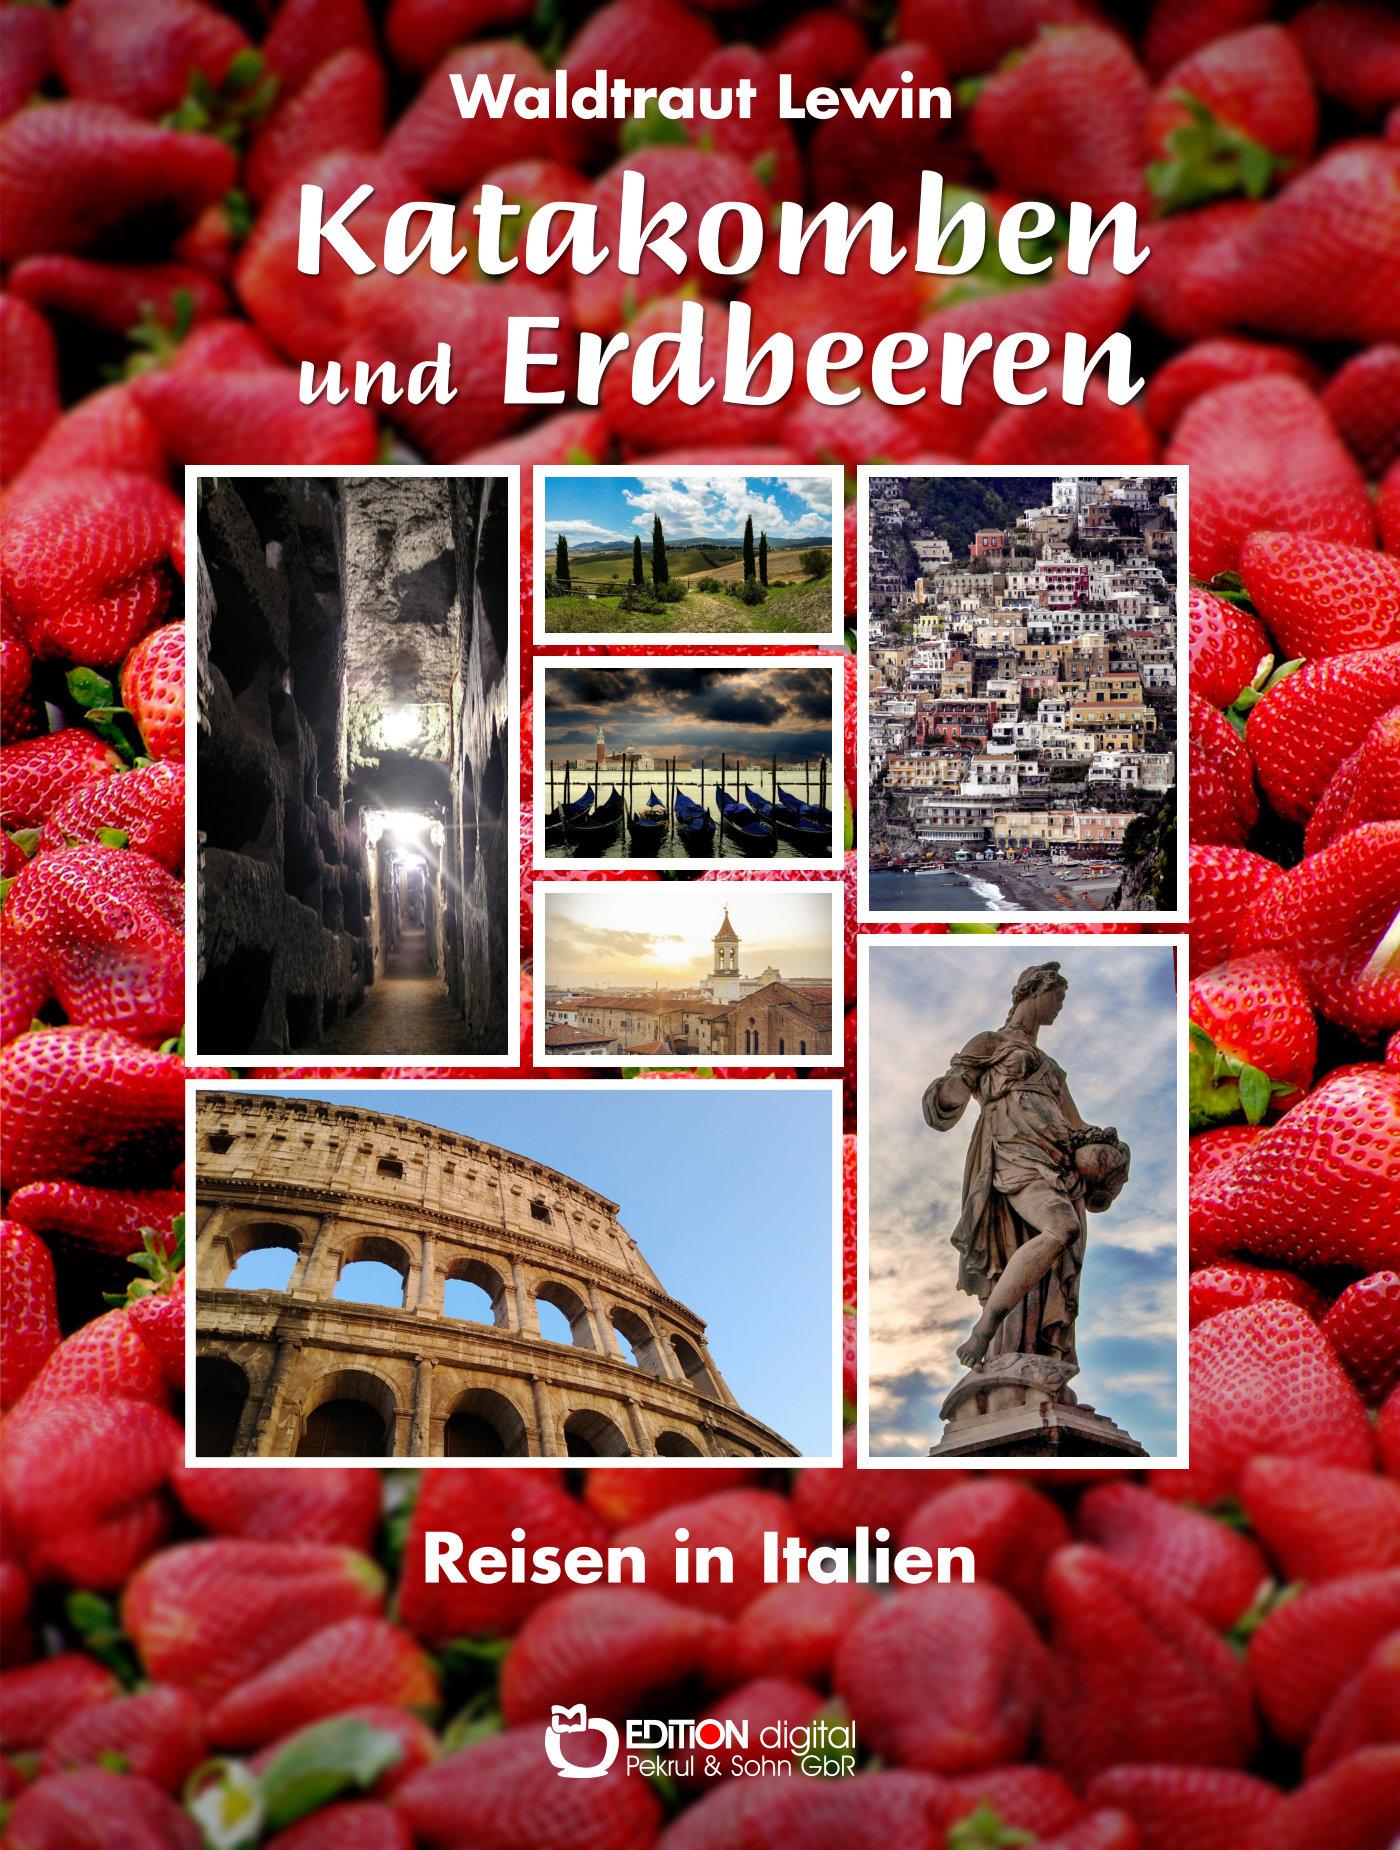 Katakomben und Erdbeeren. Notizen einer italienischen Reise von Waldtraut Lewin